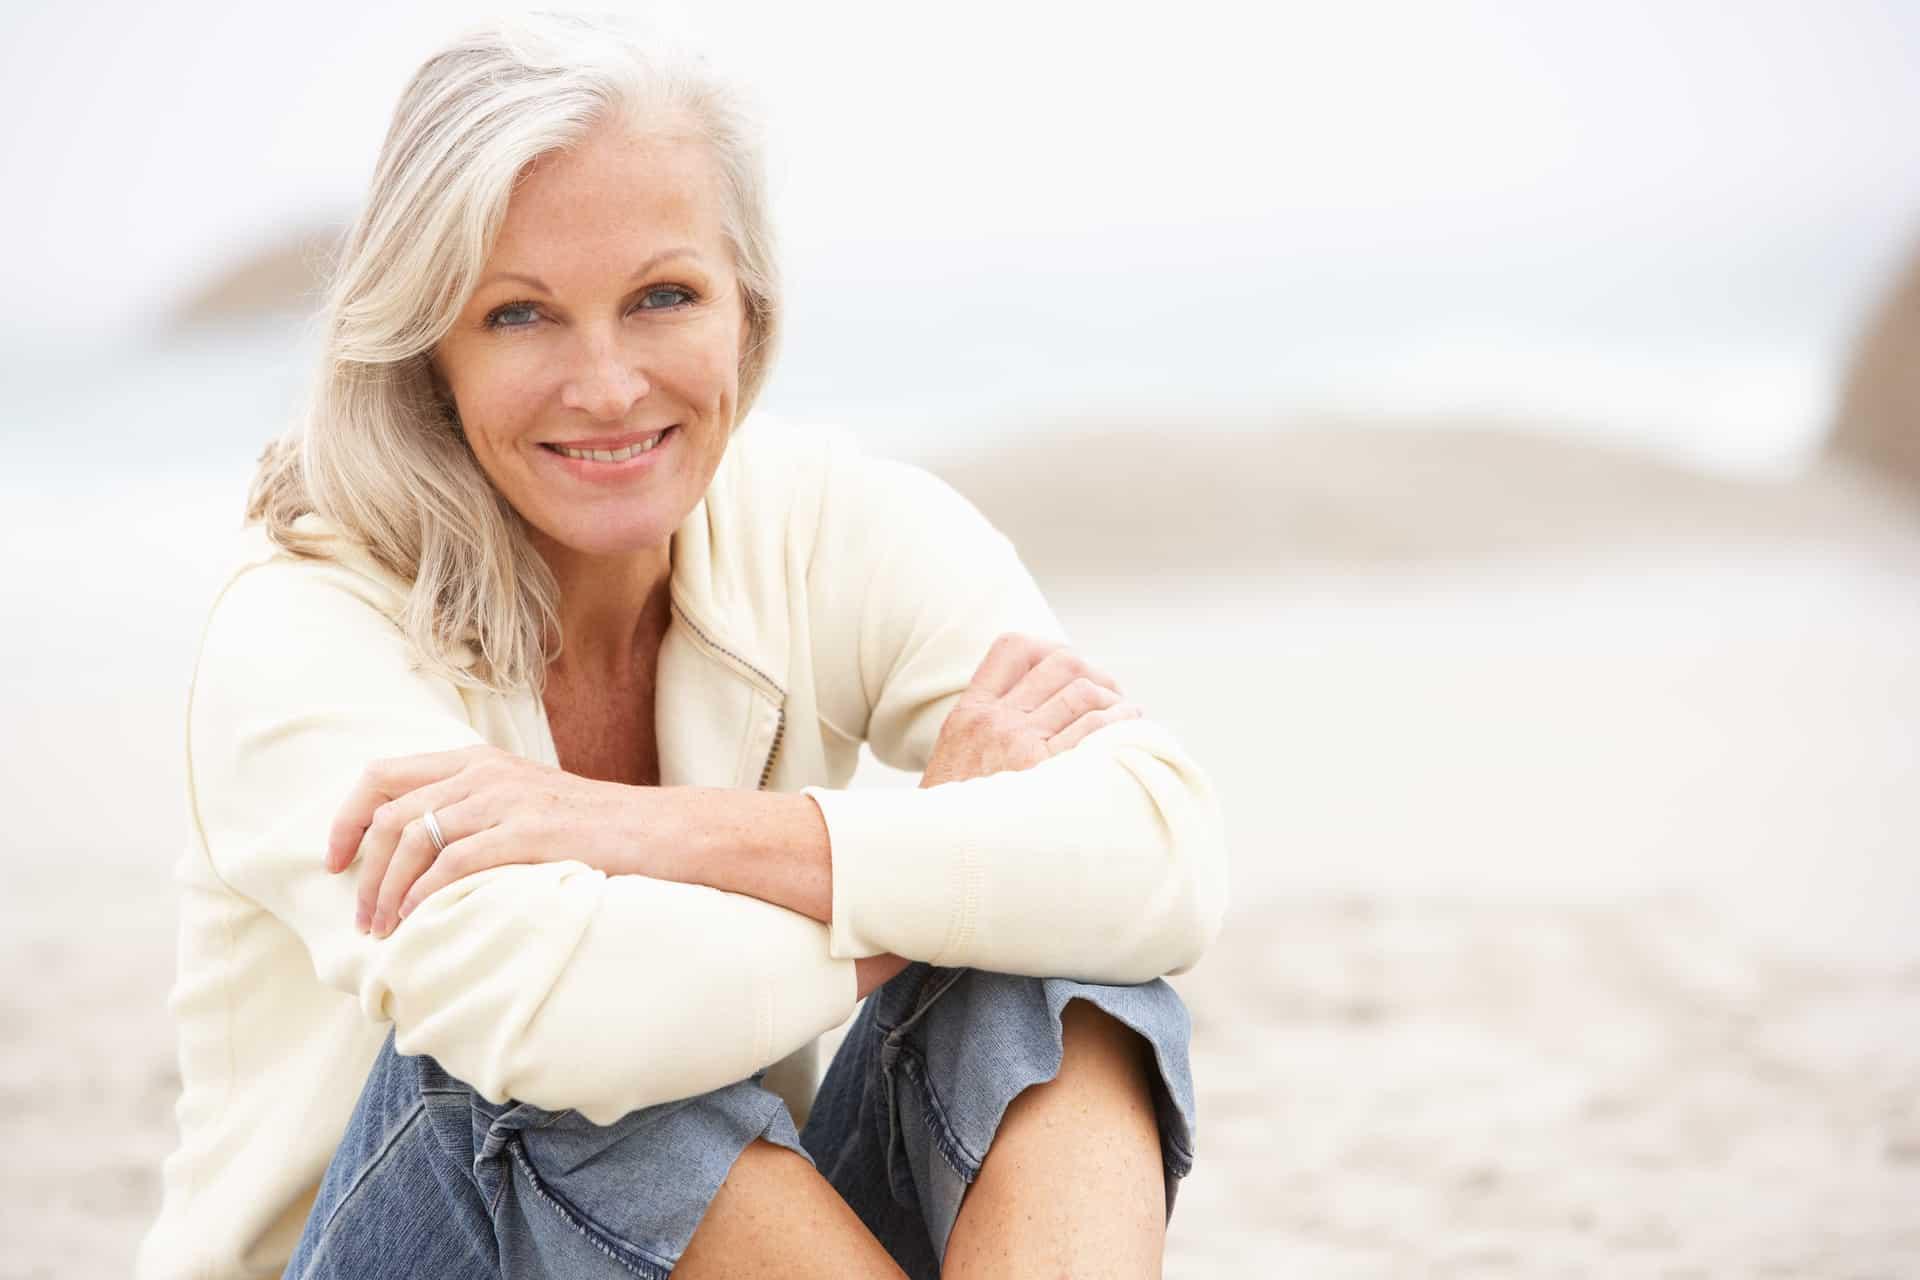 Frau mittleren Alters sitzt lächelnd am Strand und freut sich über ihre neuen festen Zähne